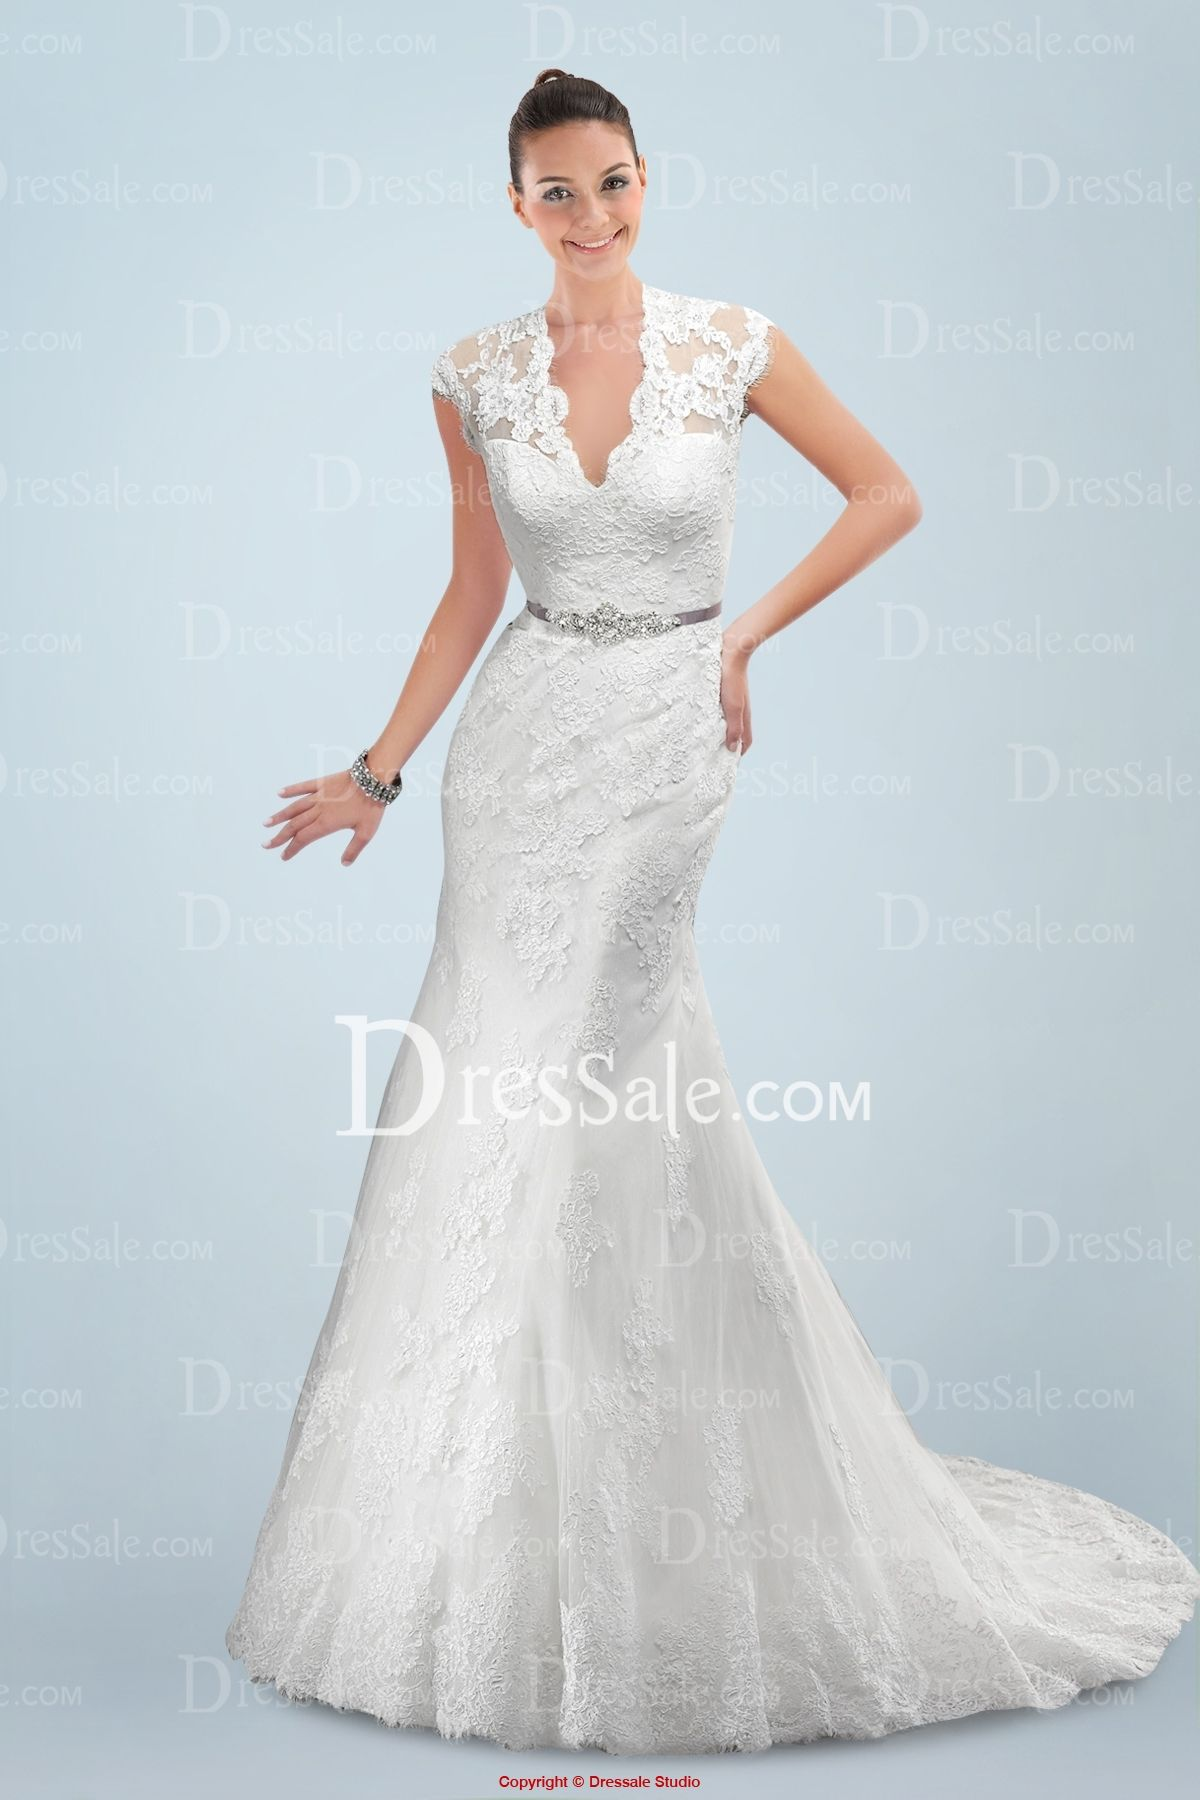 Ravishing Queen Anne Neckline Sheath Wedding Dress with Delicate ...